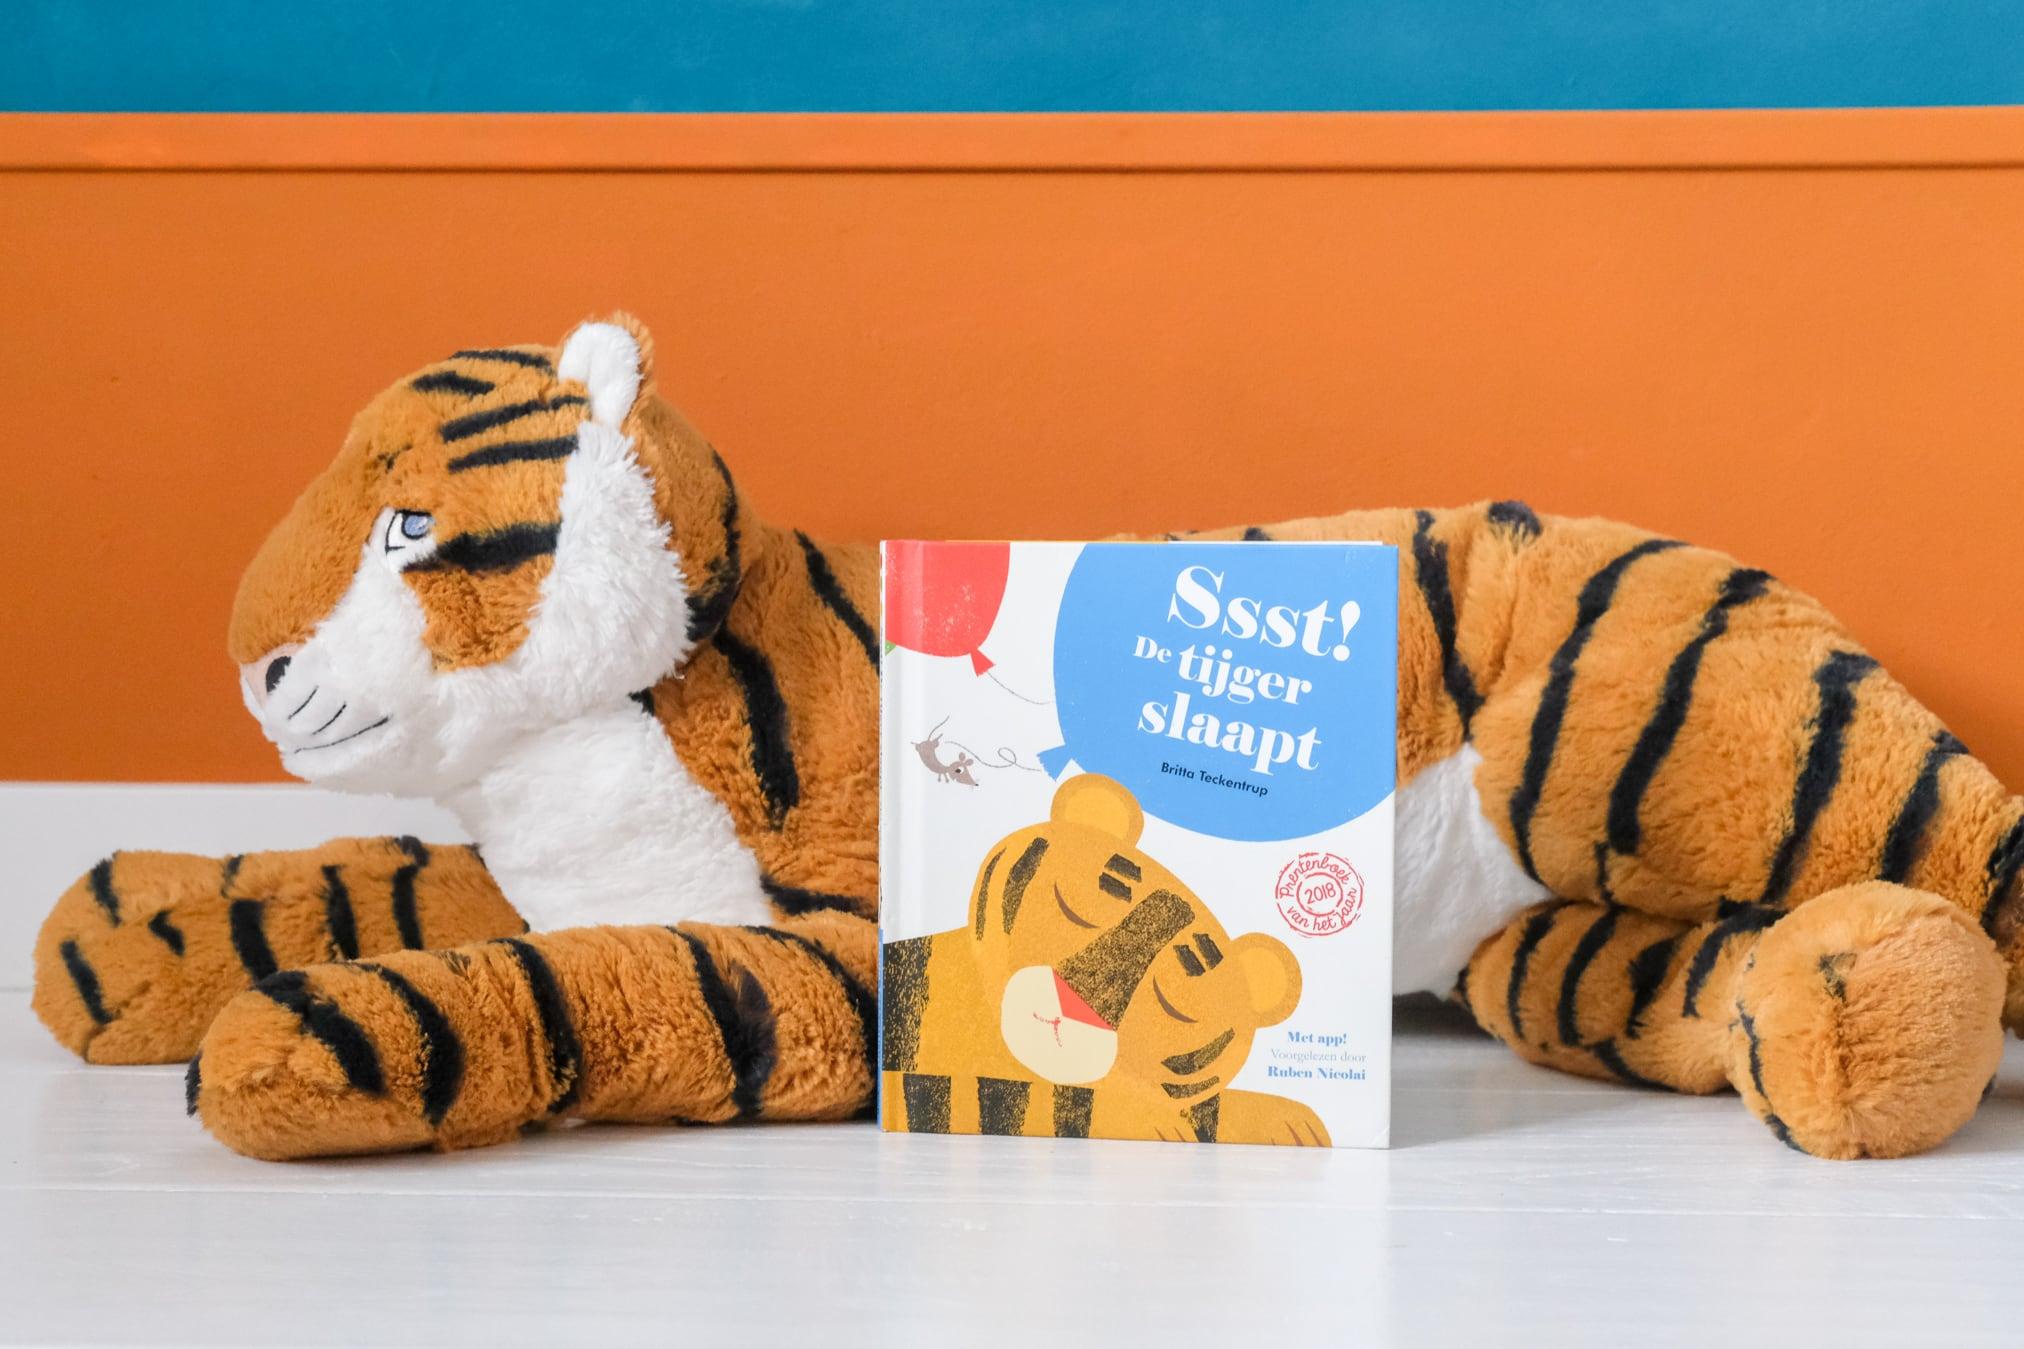 prentenboek over tijgers